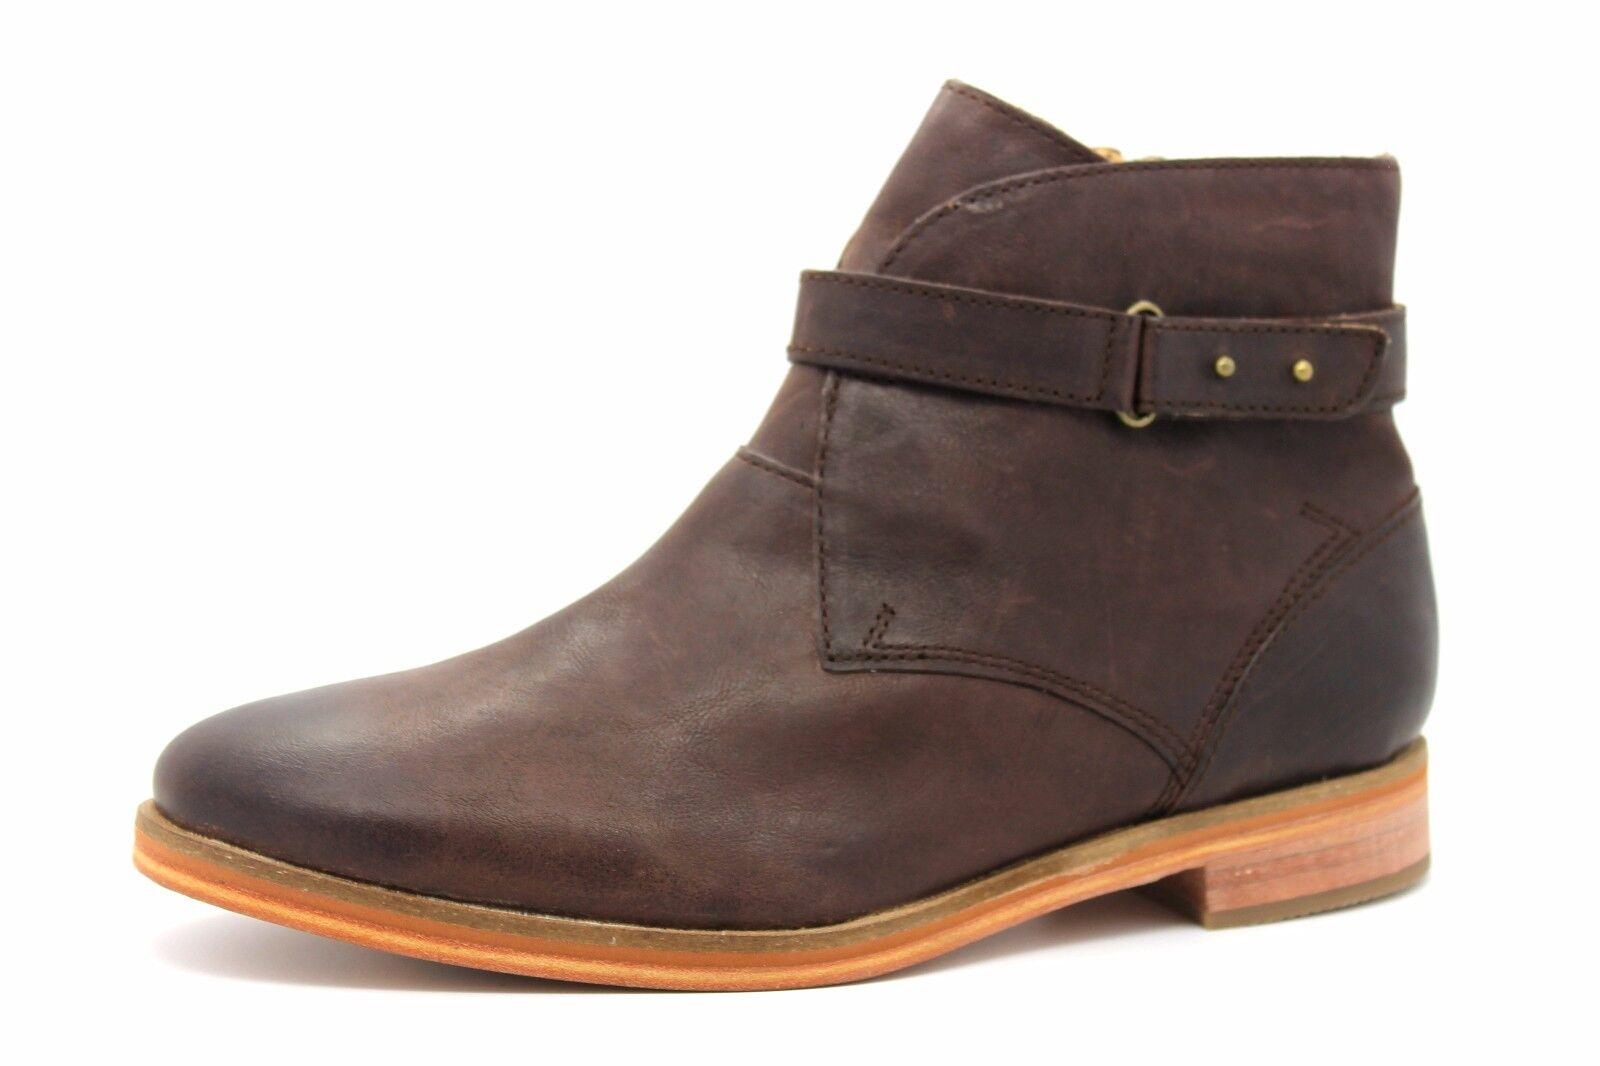 J Shoes Mona Mujer nos 7.5 Botín Marrón Cuero Botín 7.5 Botas nuevas de Java 9f043e